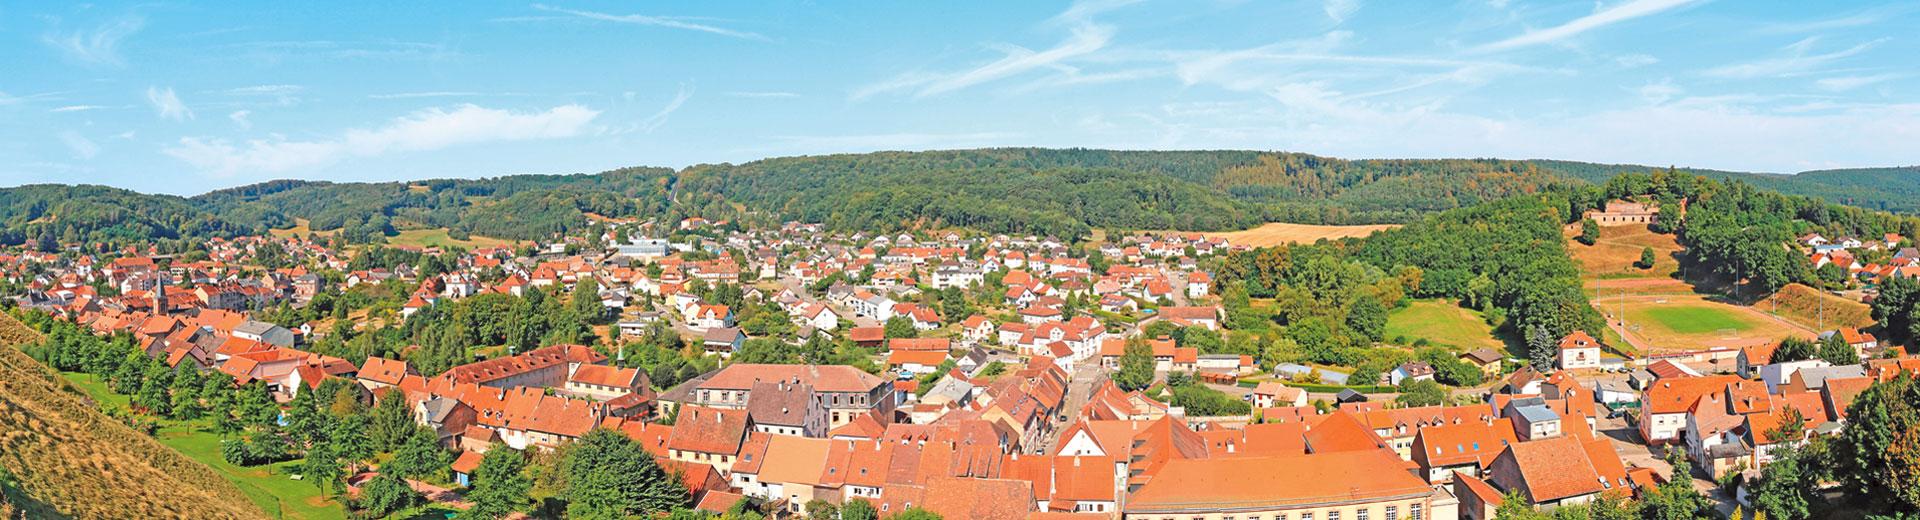 Vacances en Moselle-Lorraine